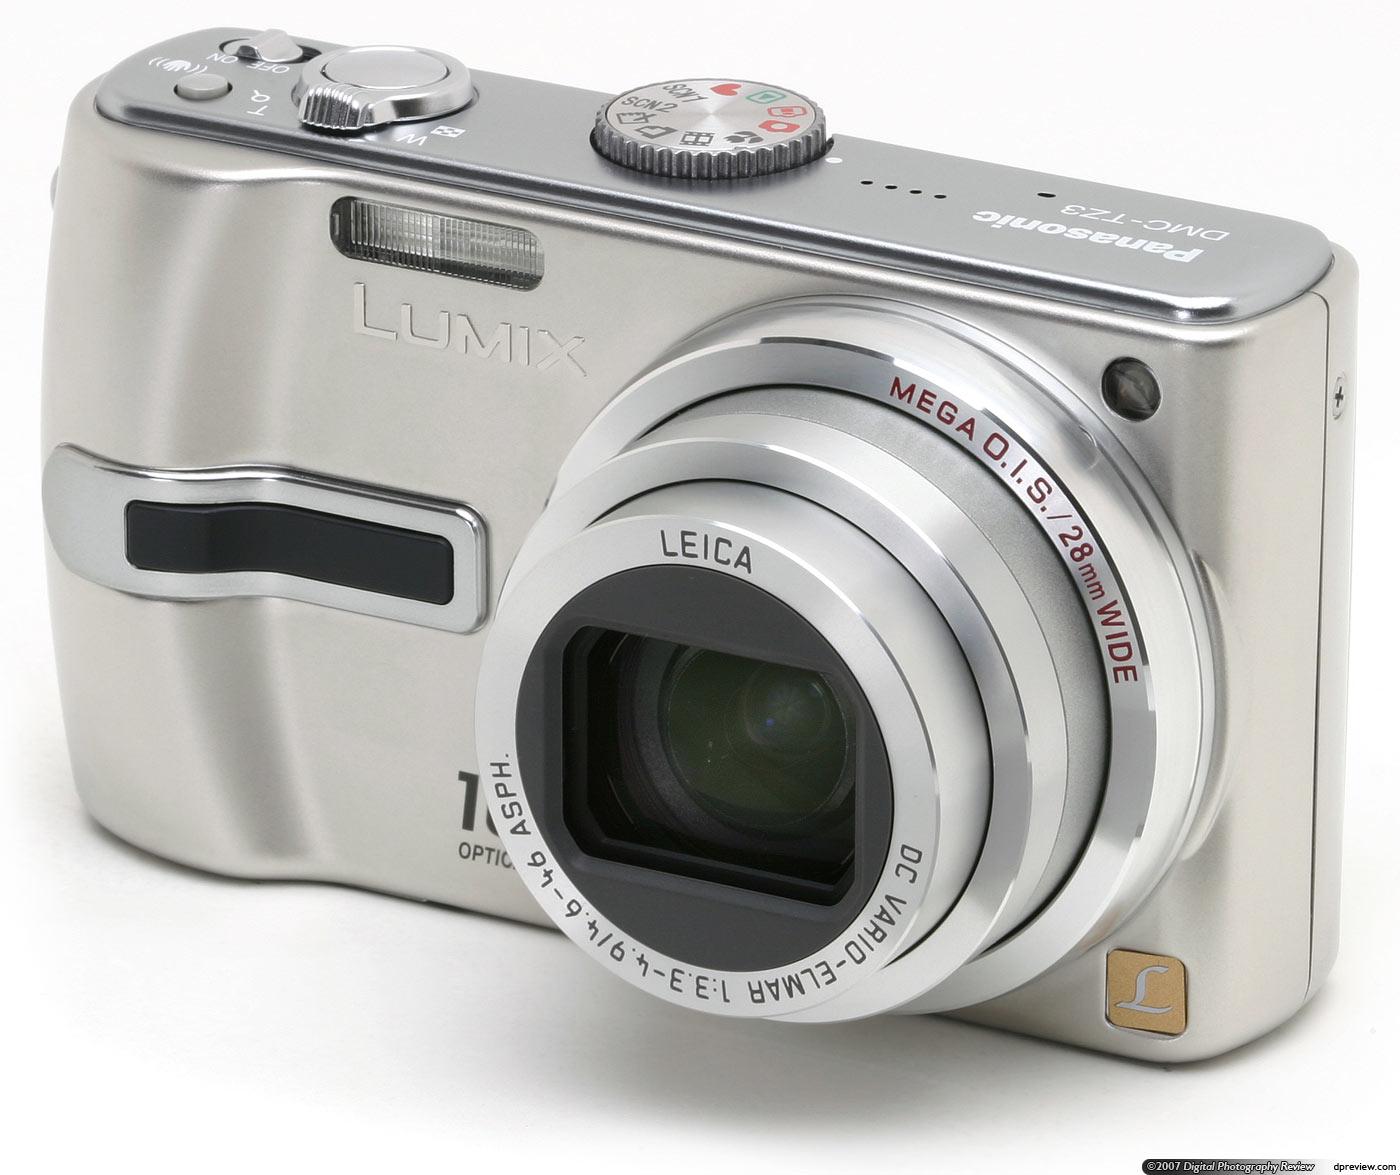 panasonic lumix dmc tz3 review digital photography review rh dpreview com Panasonic Lumix DMC ZS3 Panasonic Lumix DMC- FZ50